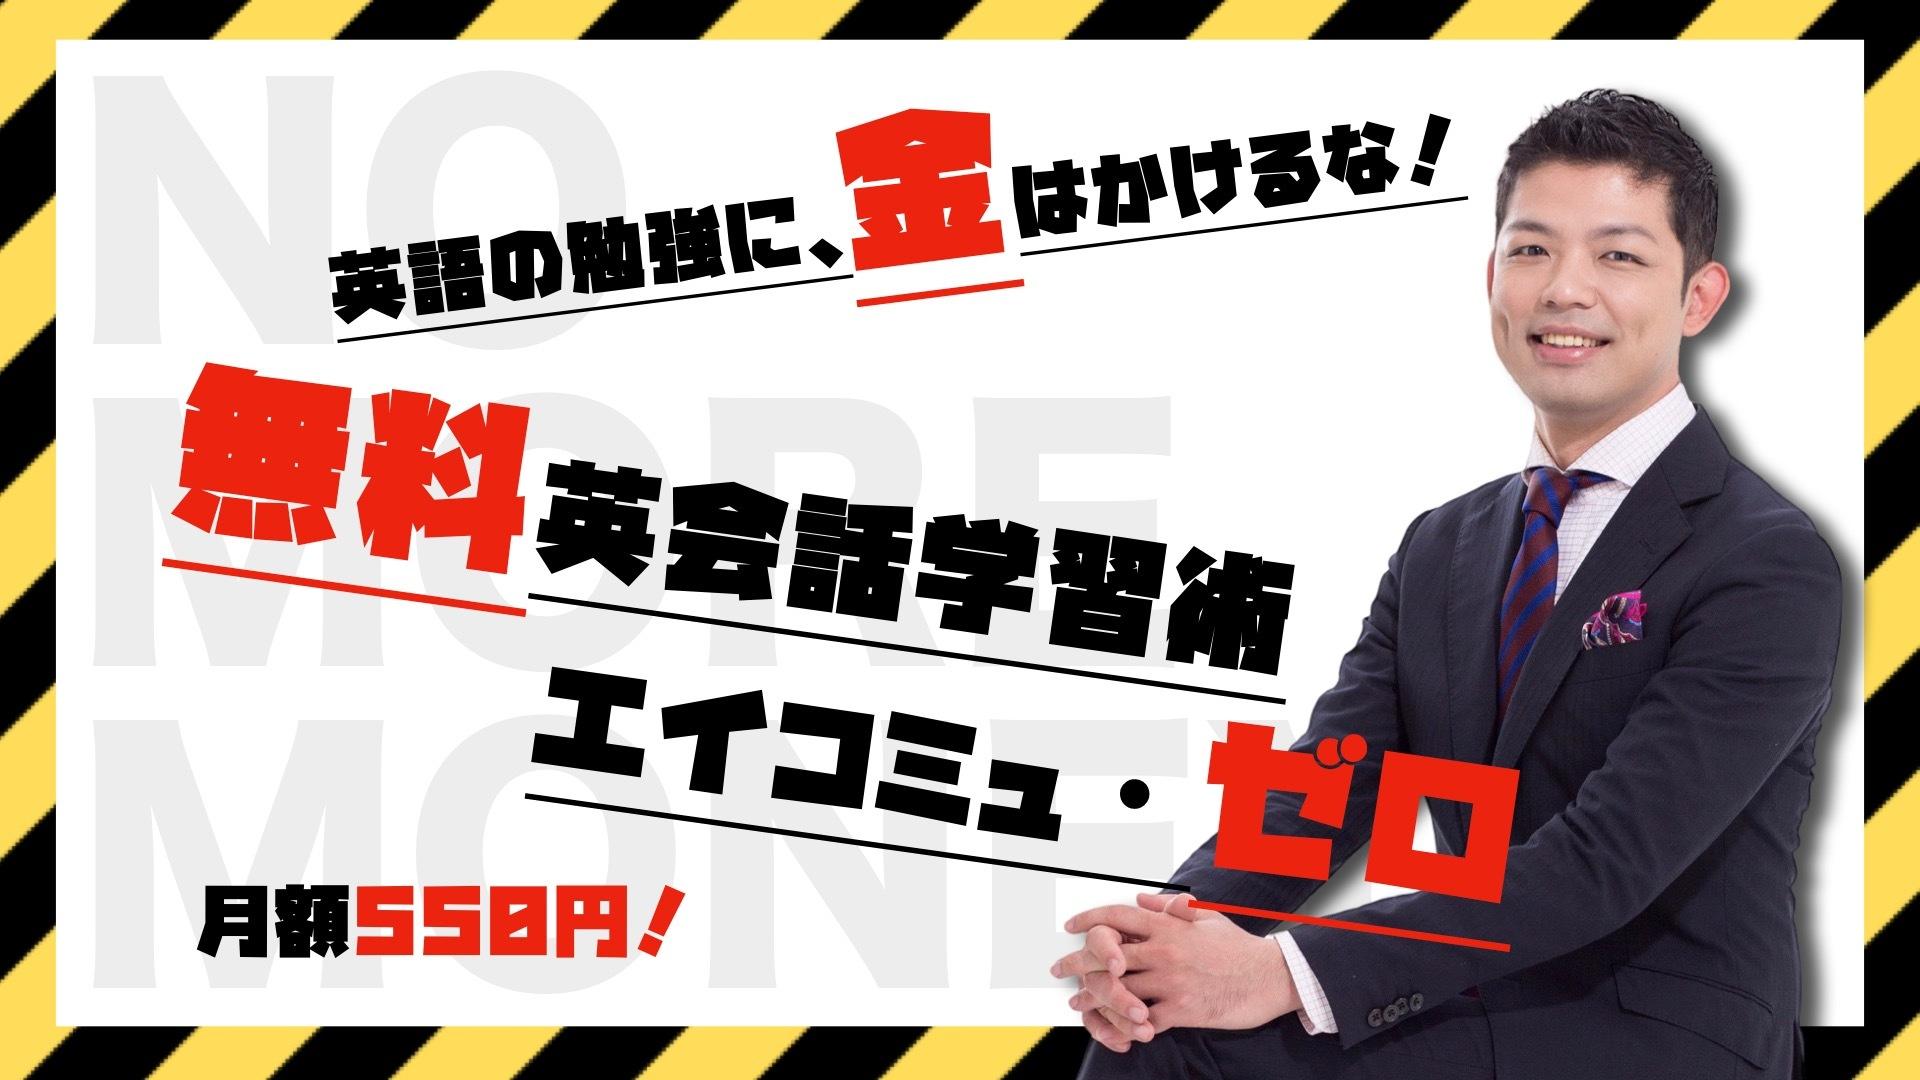 穂高ジョージ(Hodaka George) - 英語の勉強に、金はかけるな! 無料英会話学習術「エイコミュ・ゼロ」 - DMM オンラインサロン